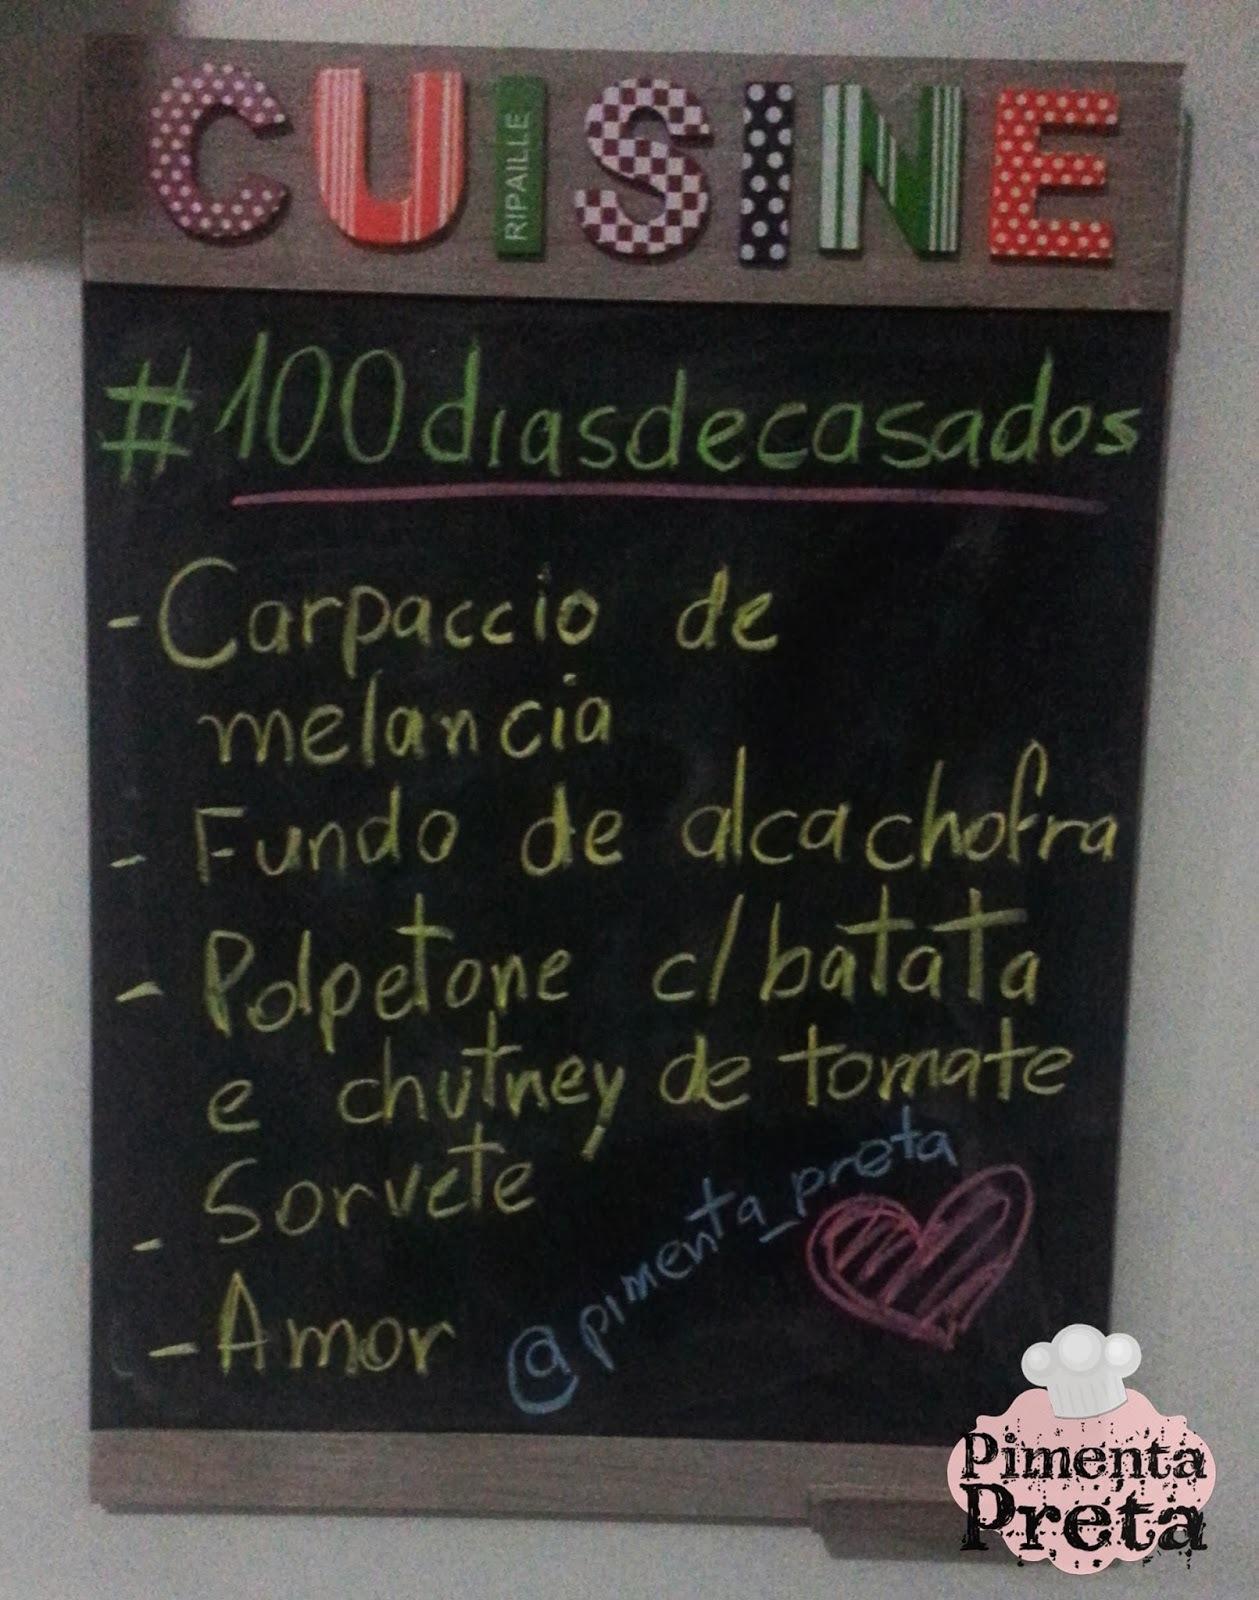 100 dias de casados com cardápio especial - muitas receitas e 1 post